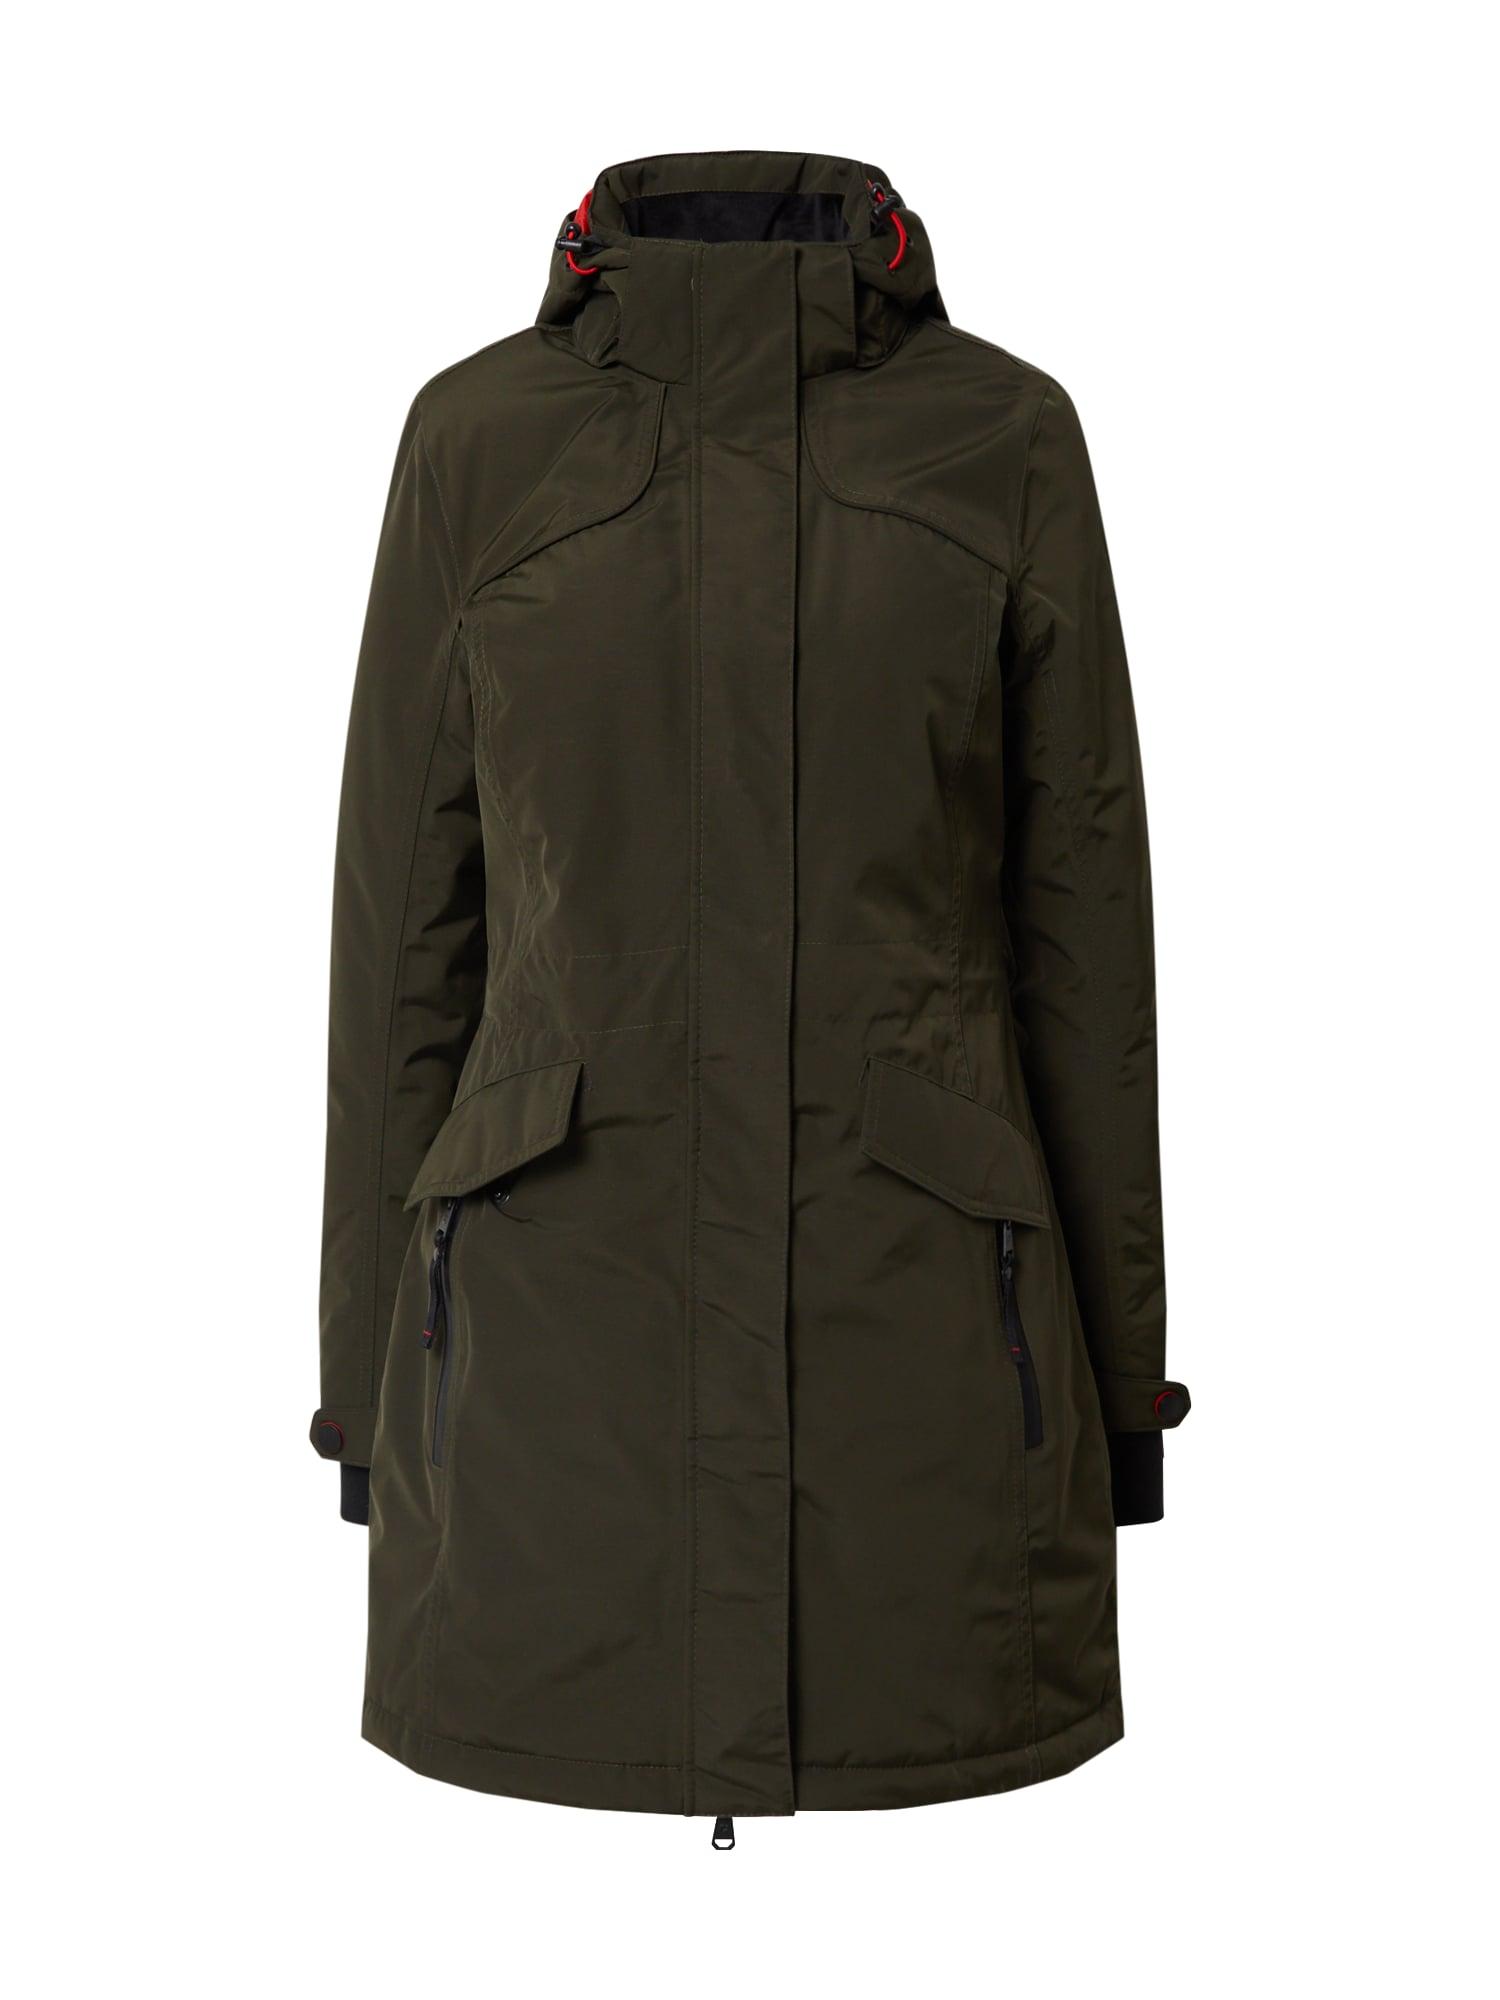 KILLTEC Outdoorový kabát 'Grindavik'  olivová